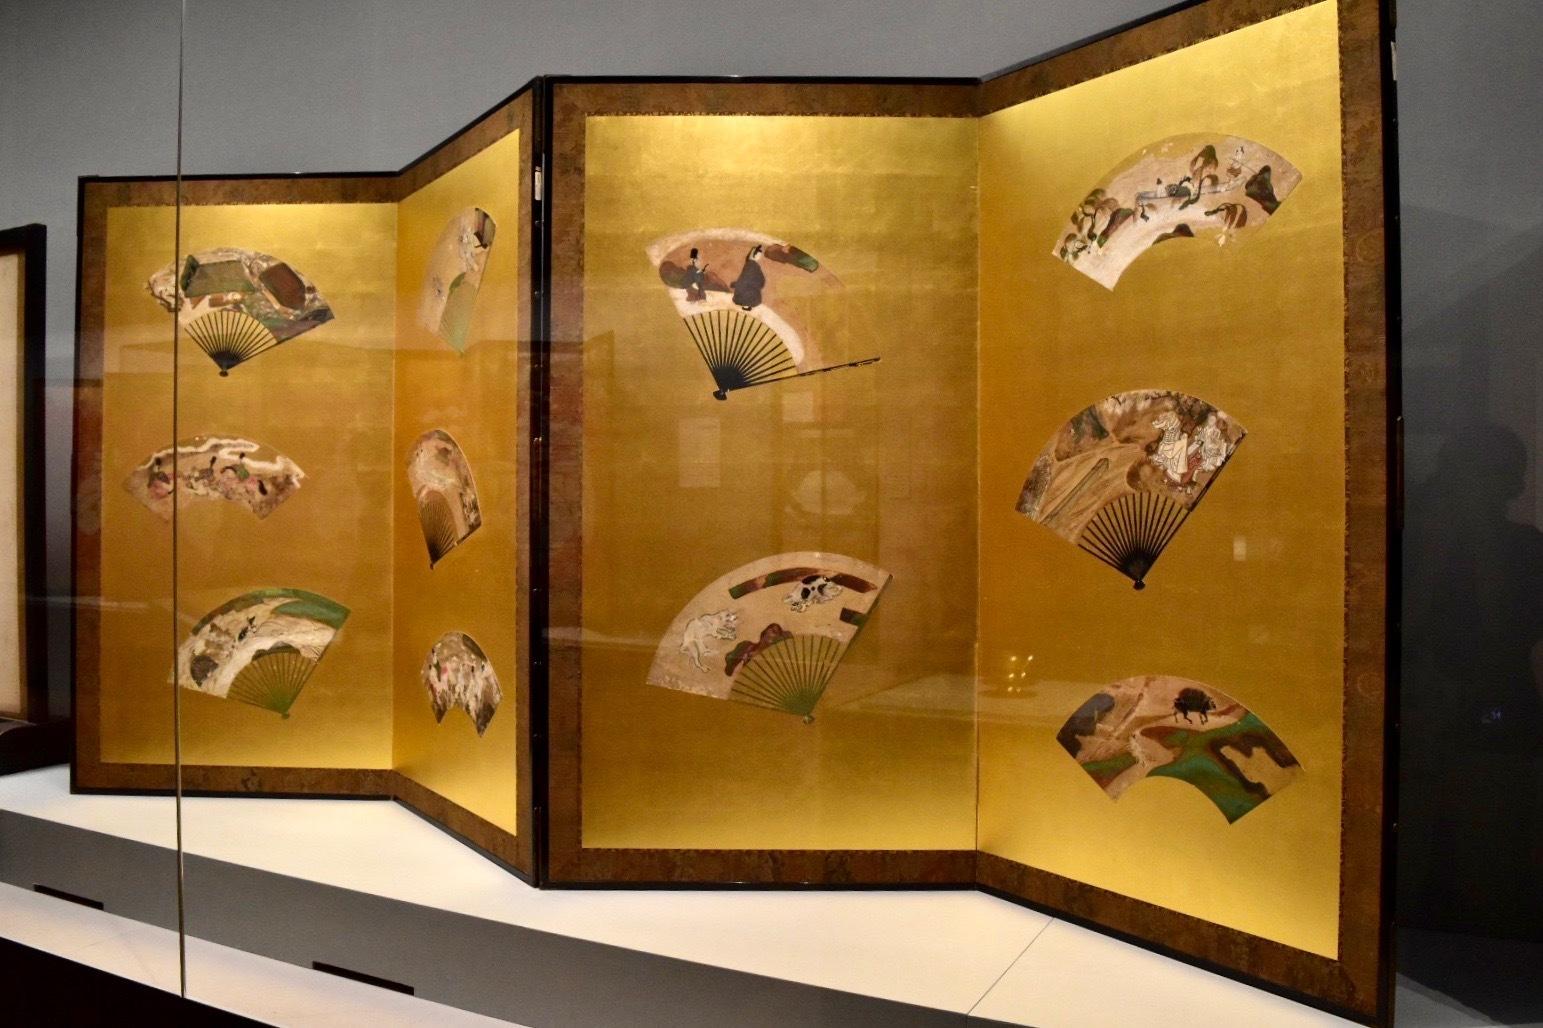 重要文化財《扇面散図屏風》 俵屋宗達筆 江戸時代 17世紀 醍醐寺蔵